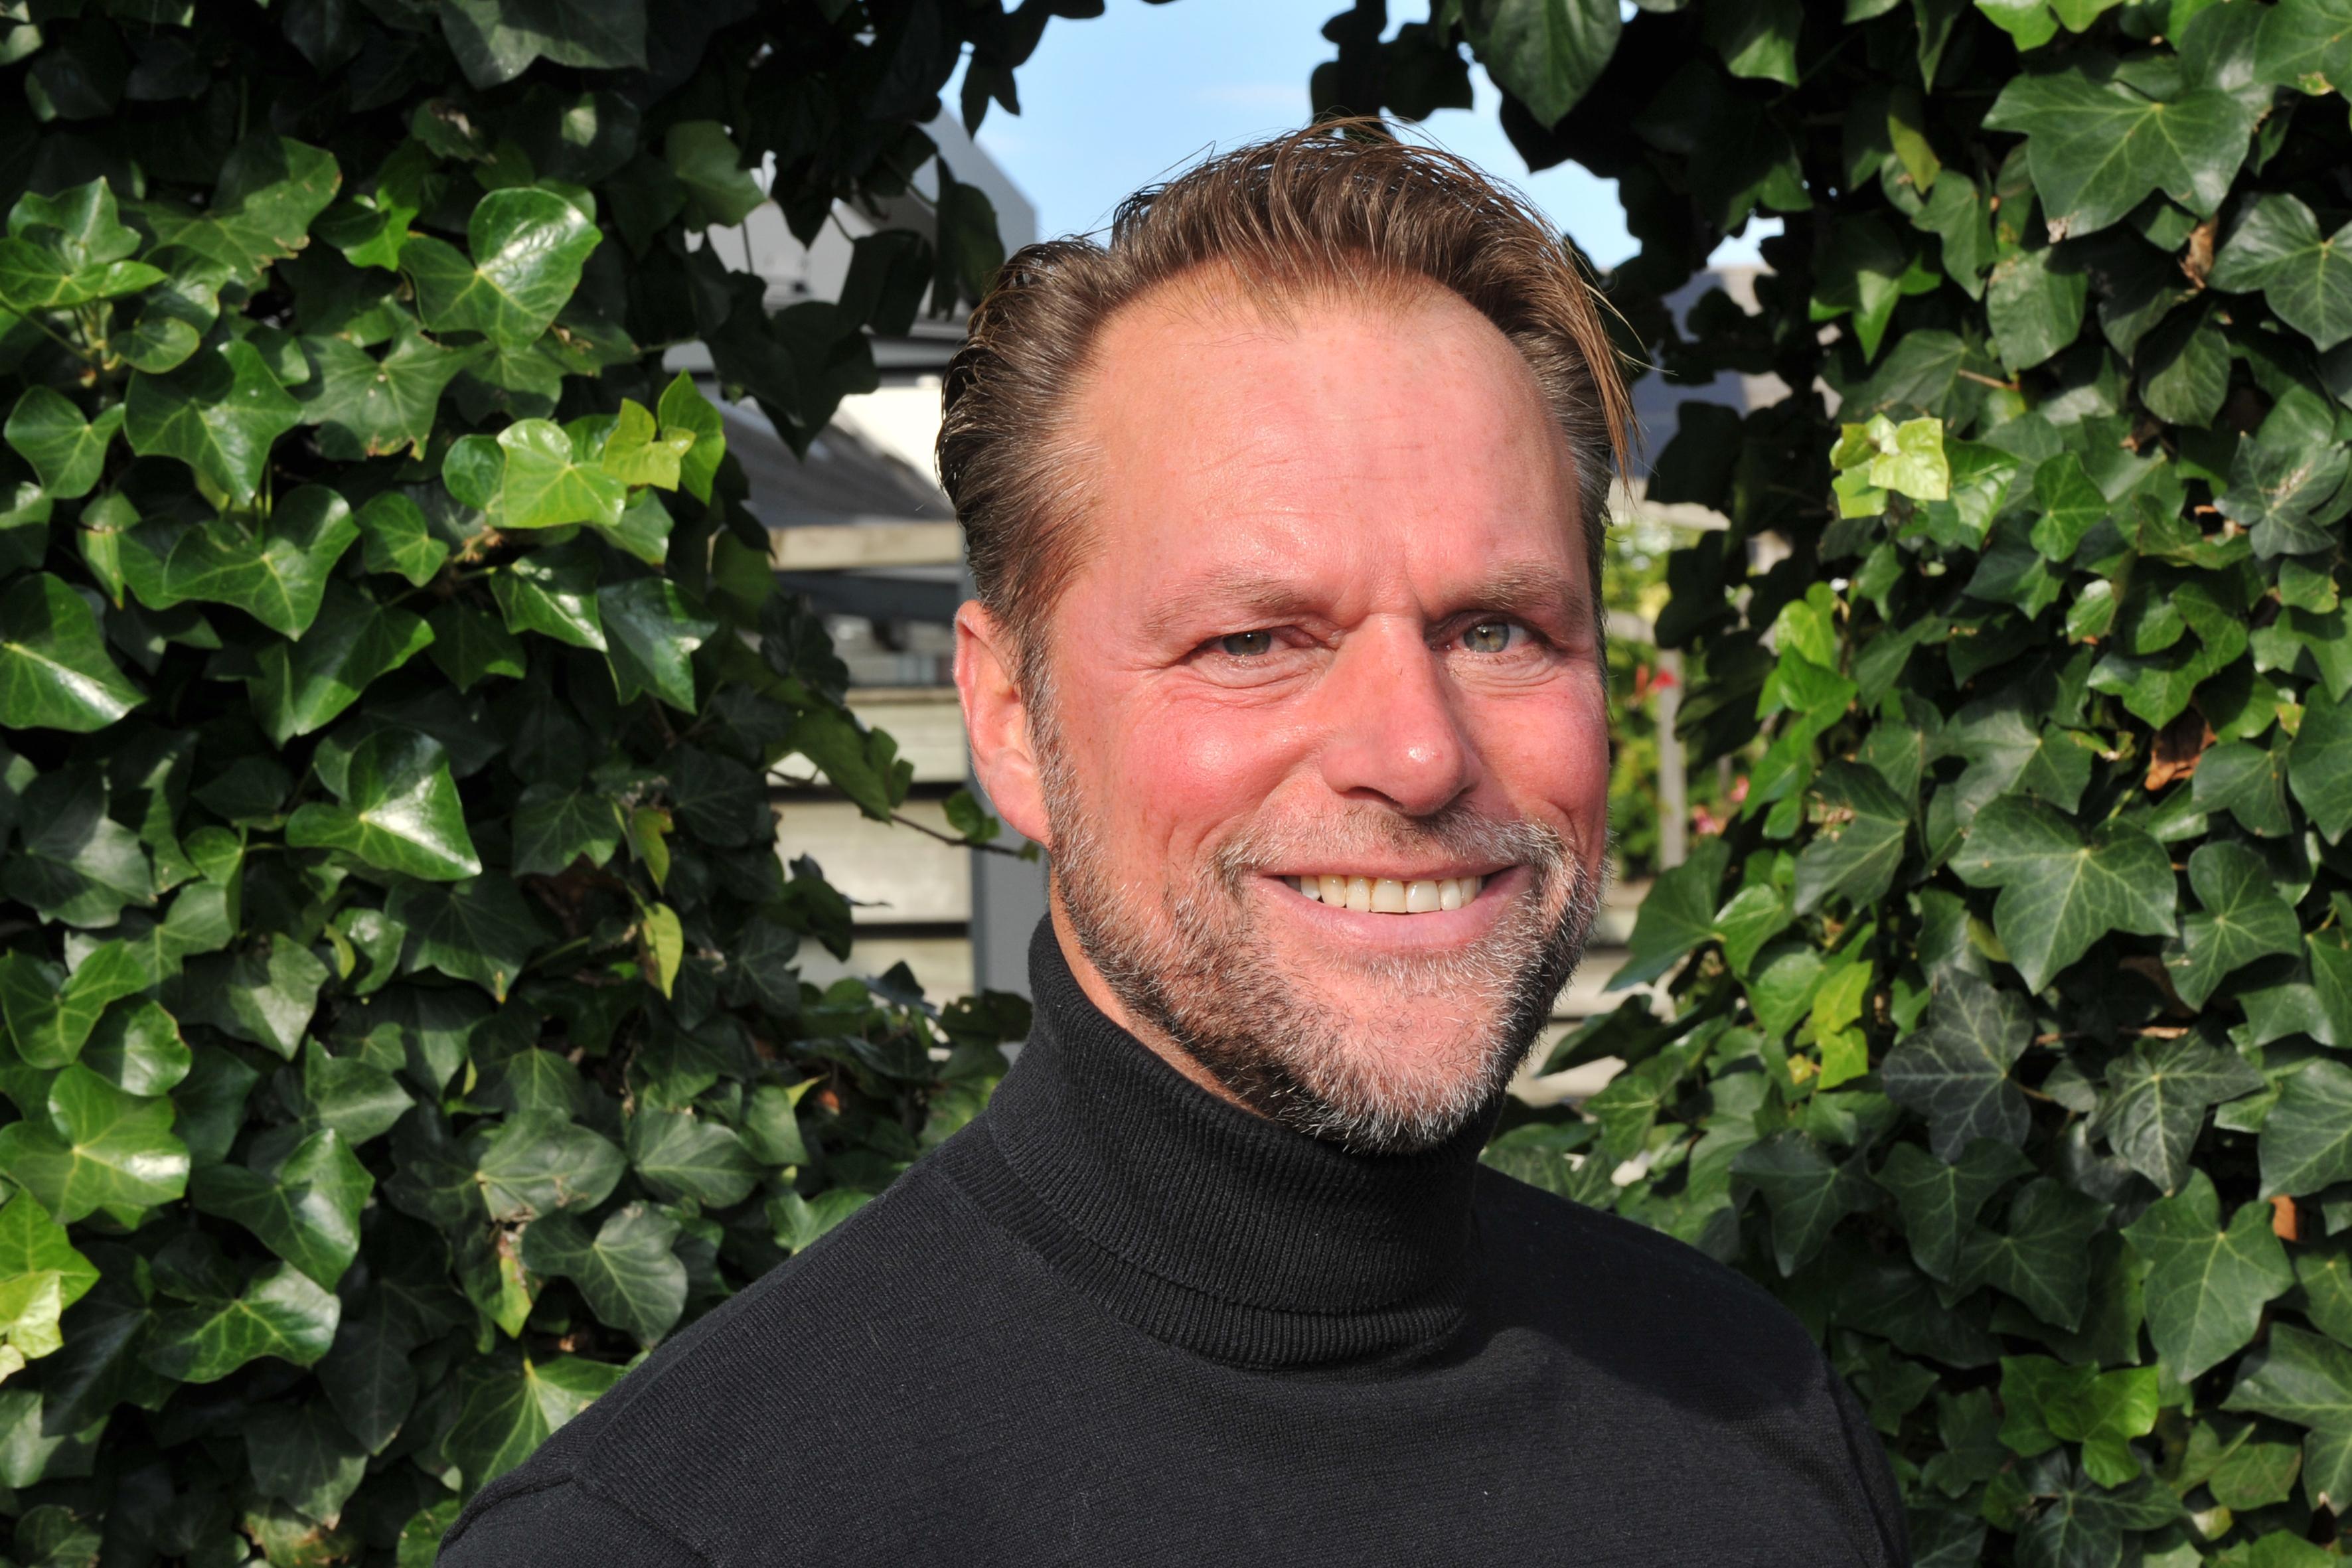 Robert-Jan Doves (50) keert dankzij zijn dochter weer langzaam terug in het korfbal: 'Ik besef nu wat ik gemist heb'